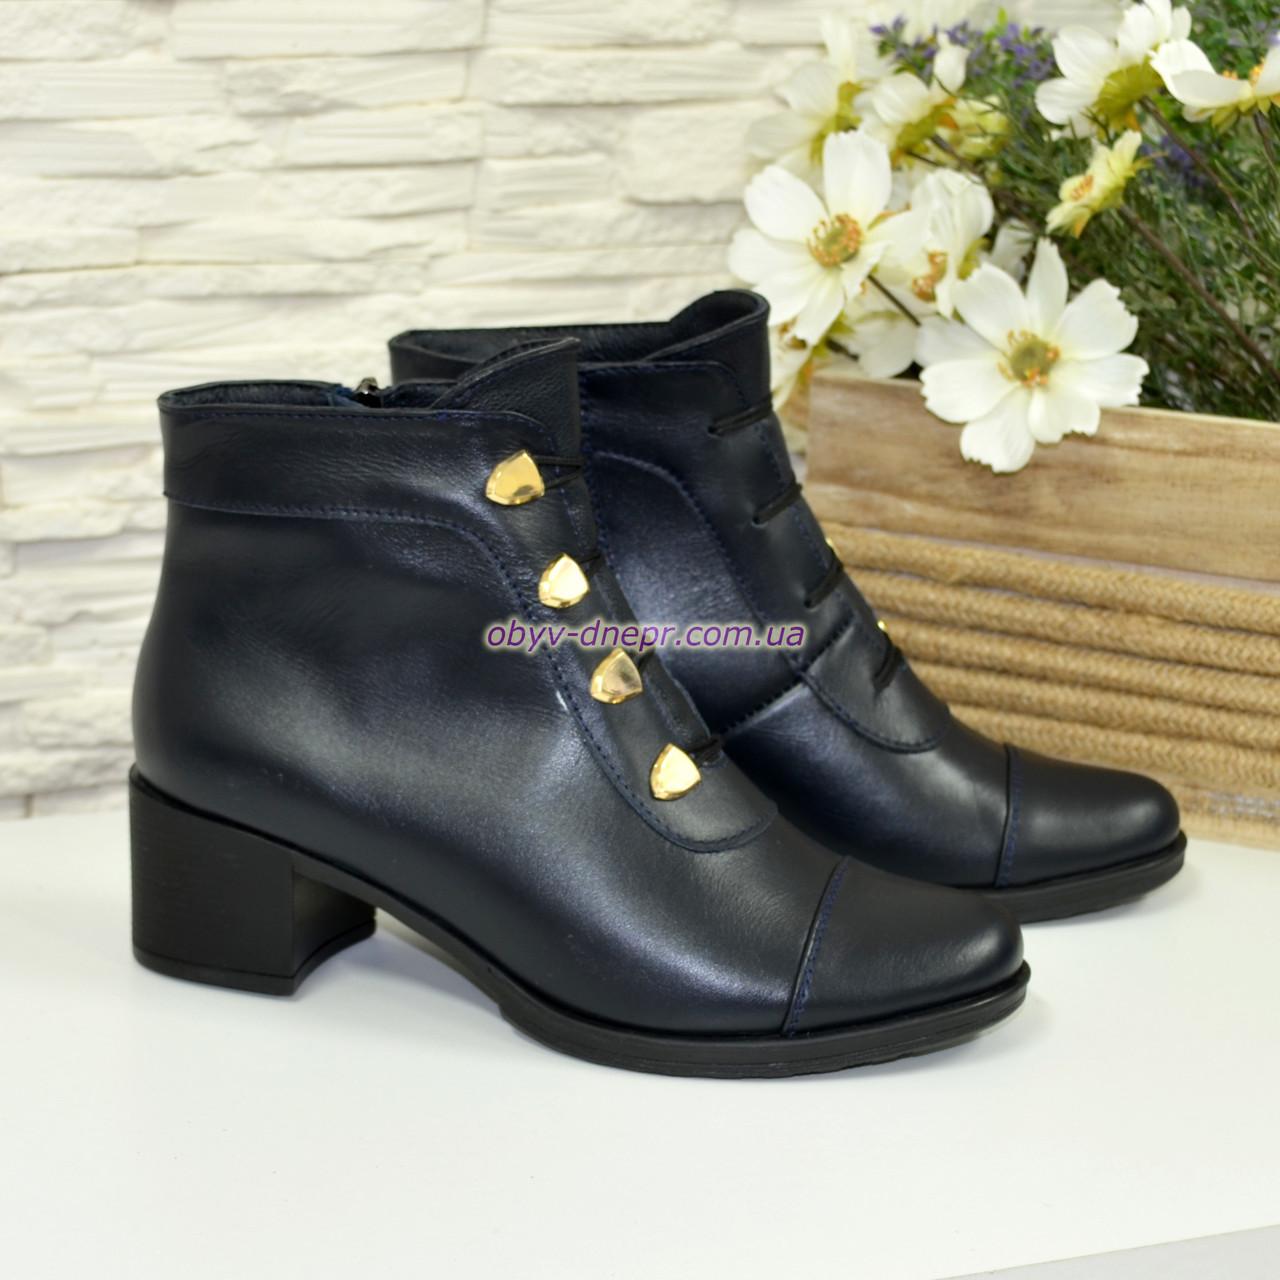 Жіночі класичні демісезонні черевики на невисоких підборах, натуральна шкіра синього кольору